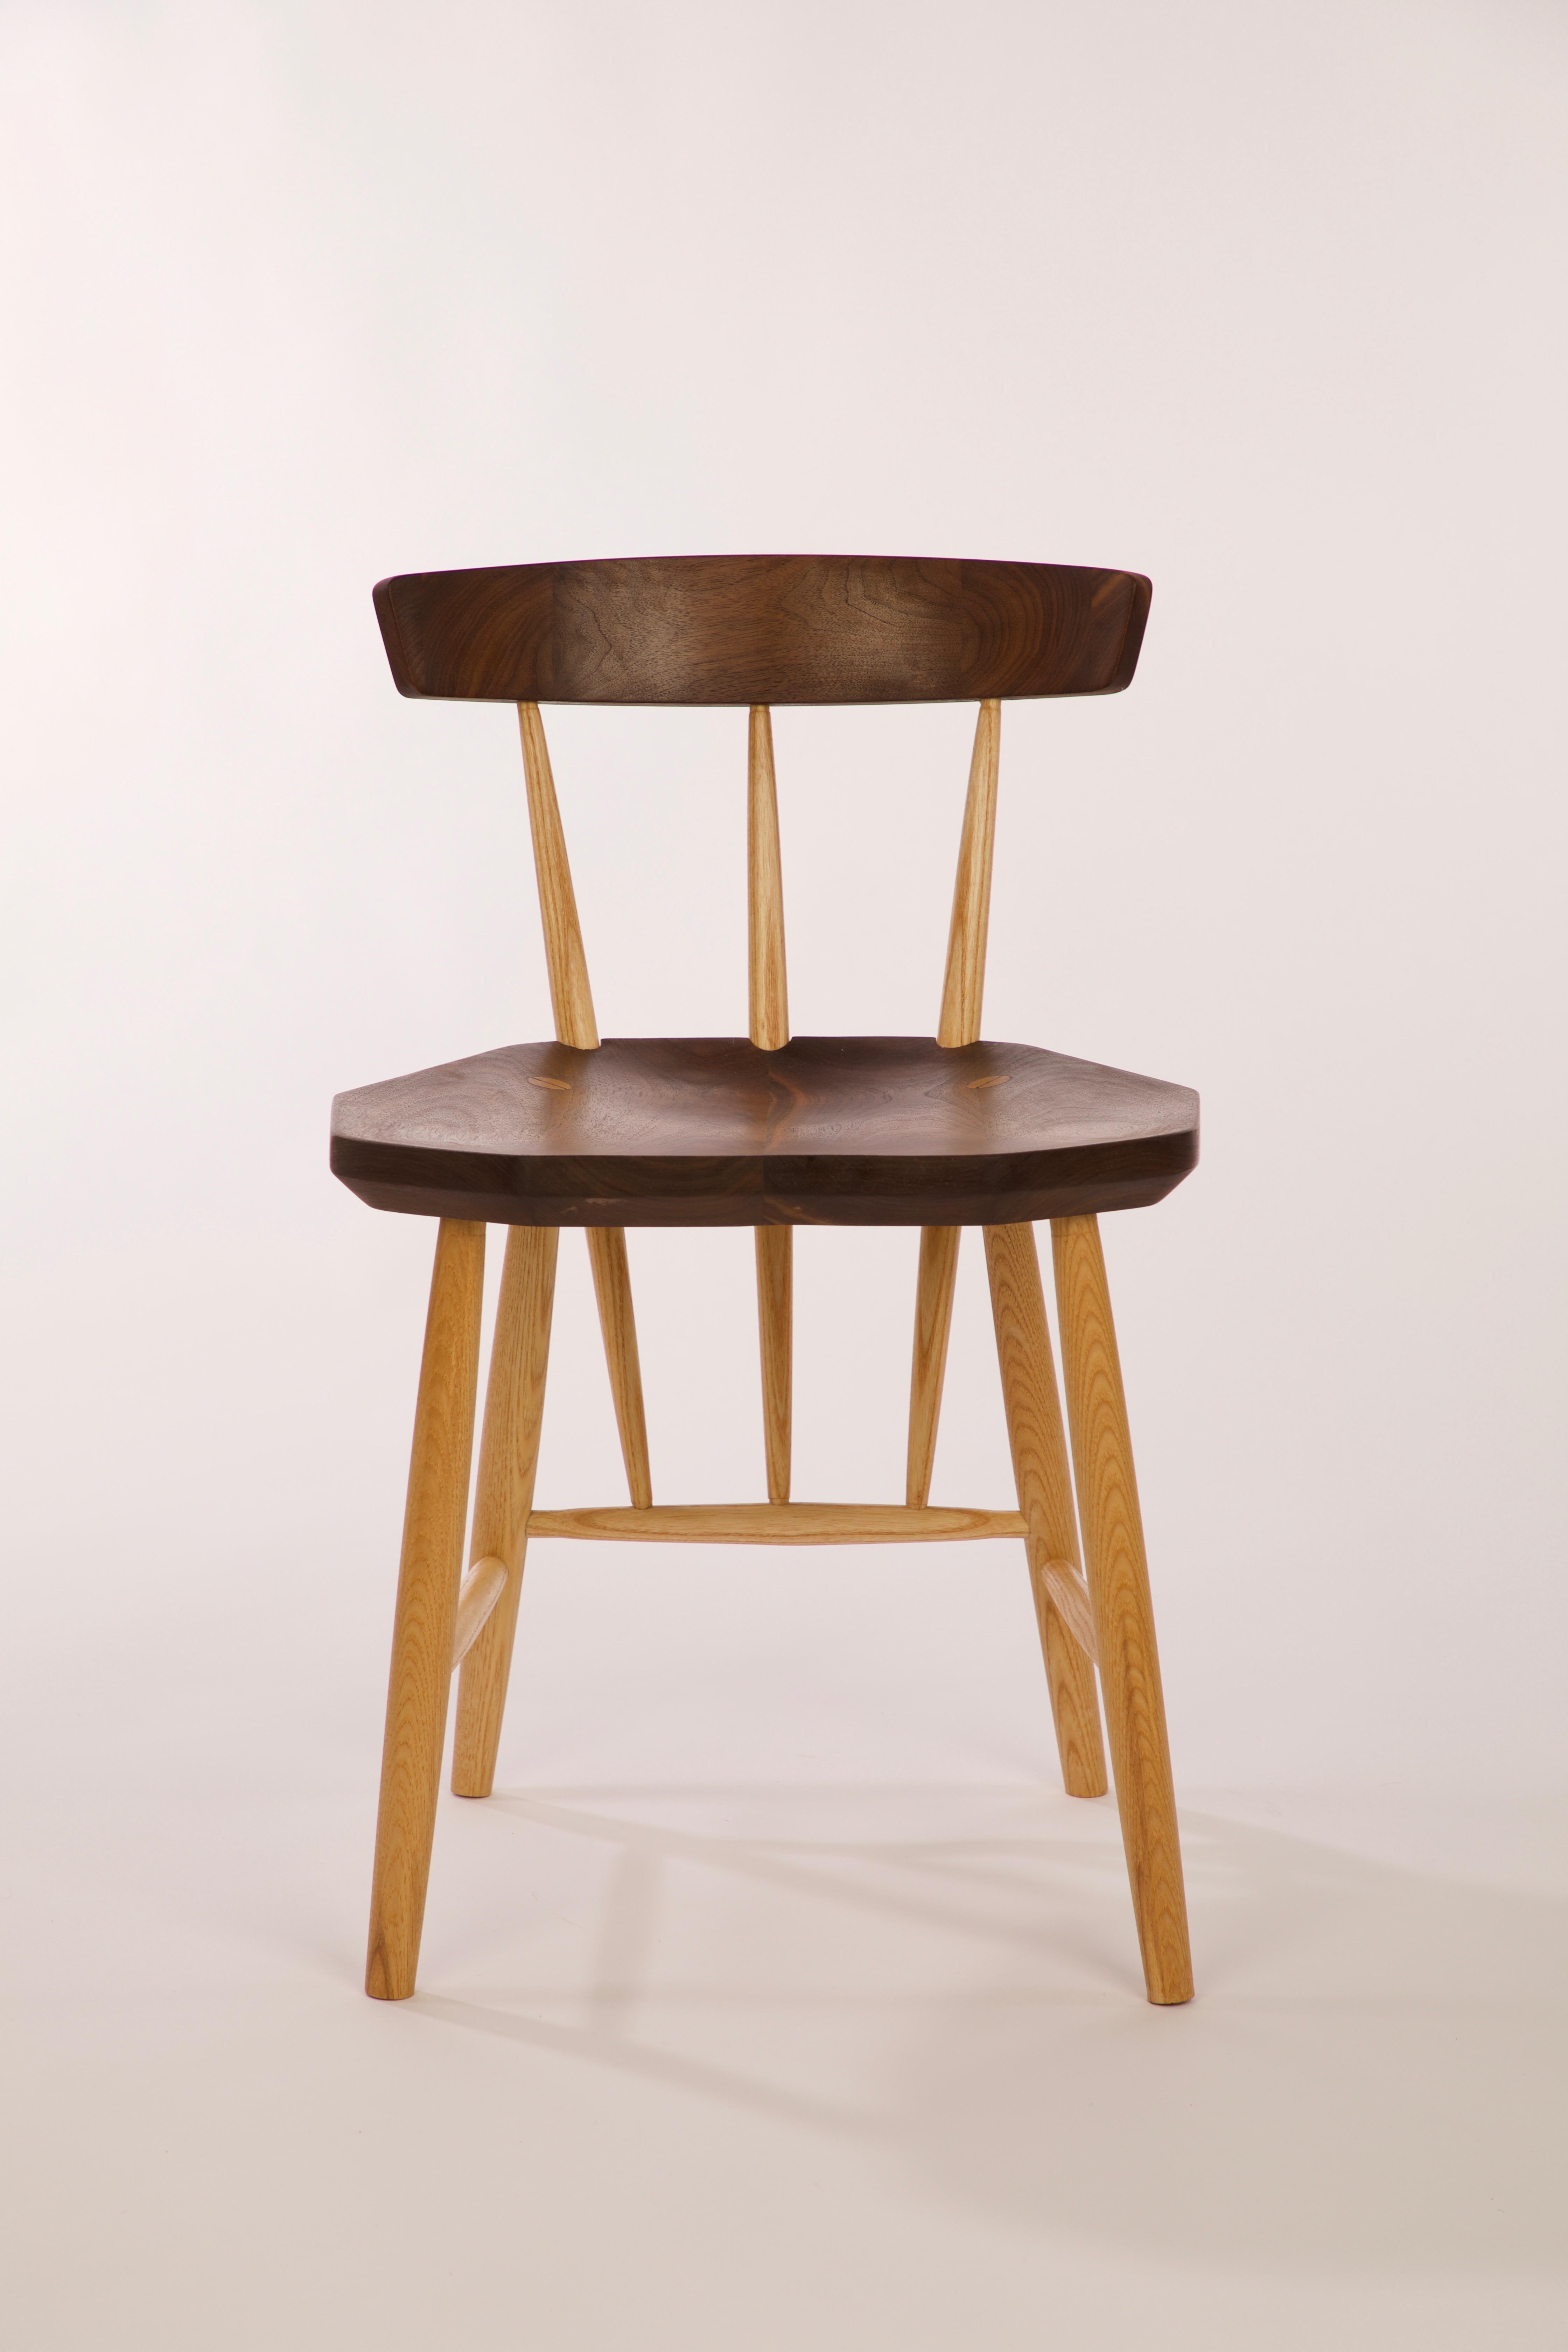 'Summer' Windsor chair